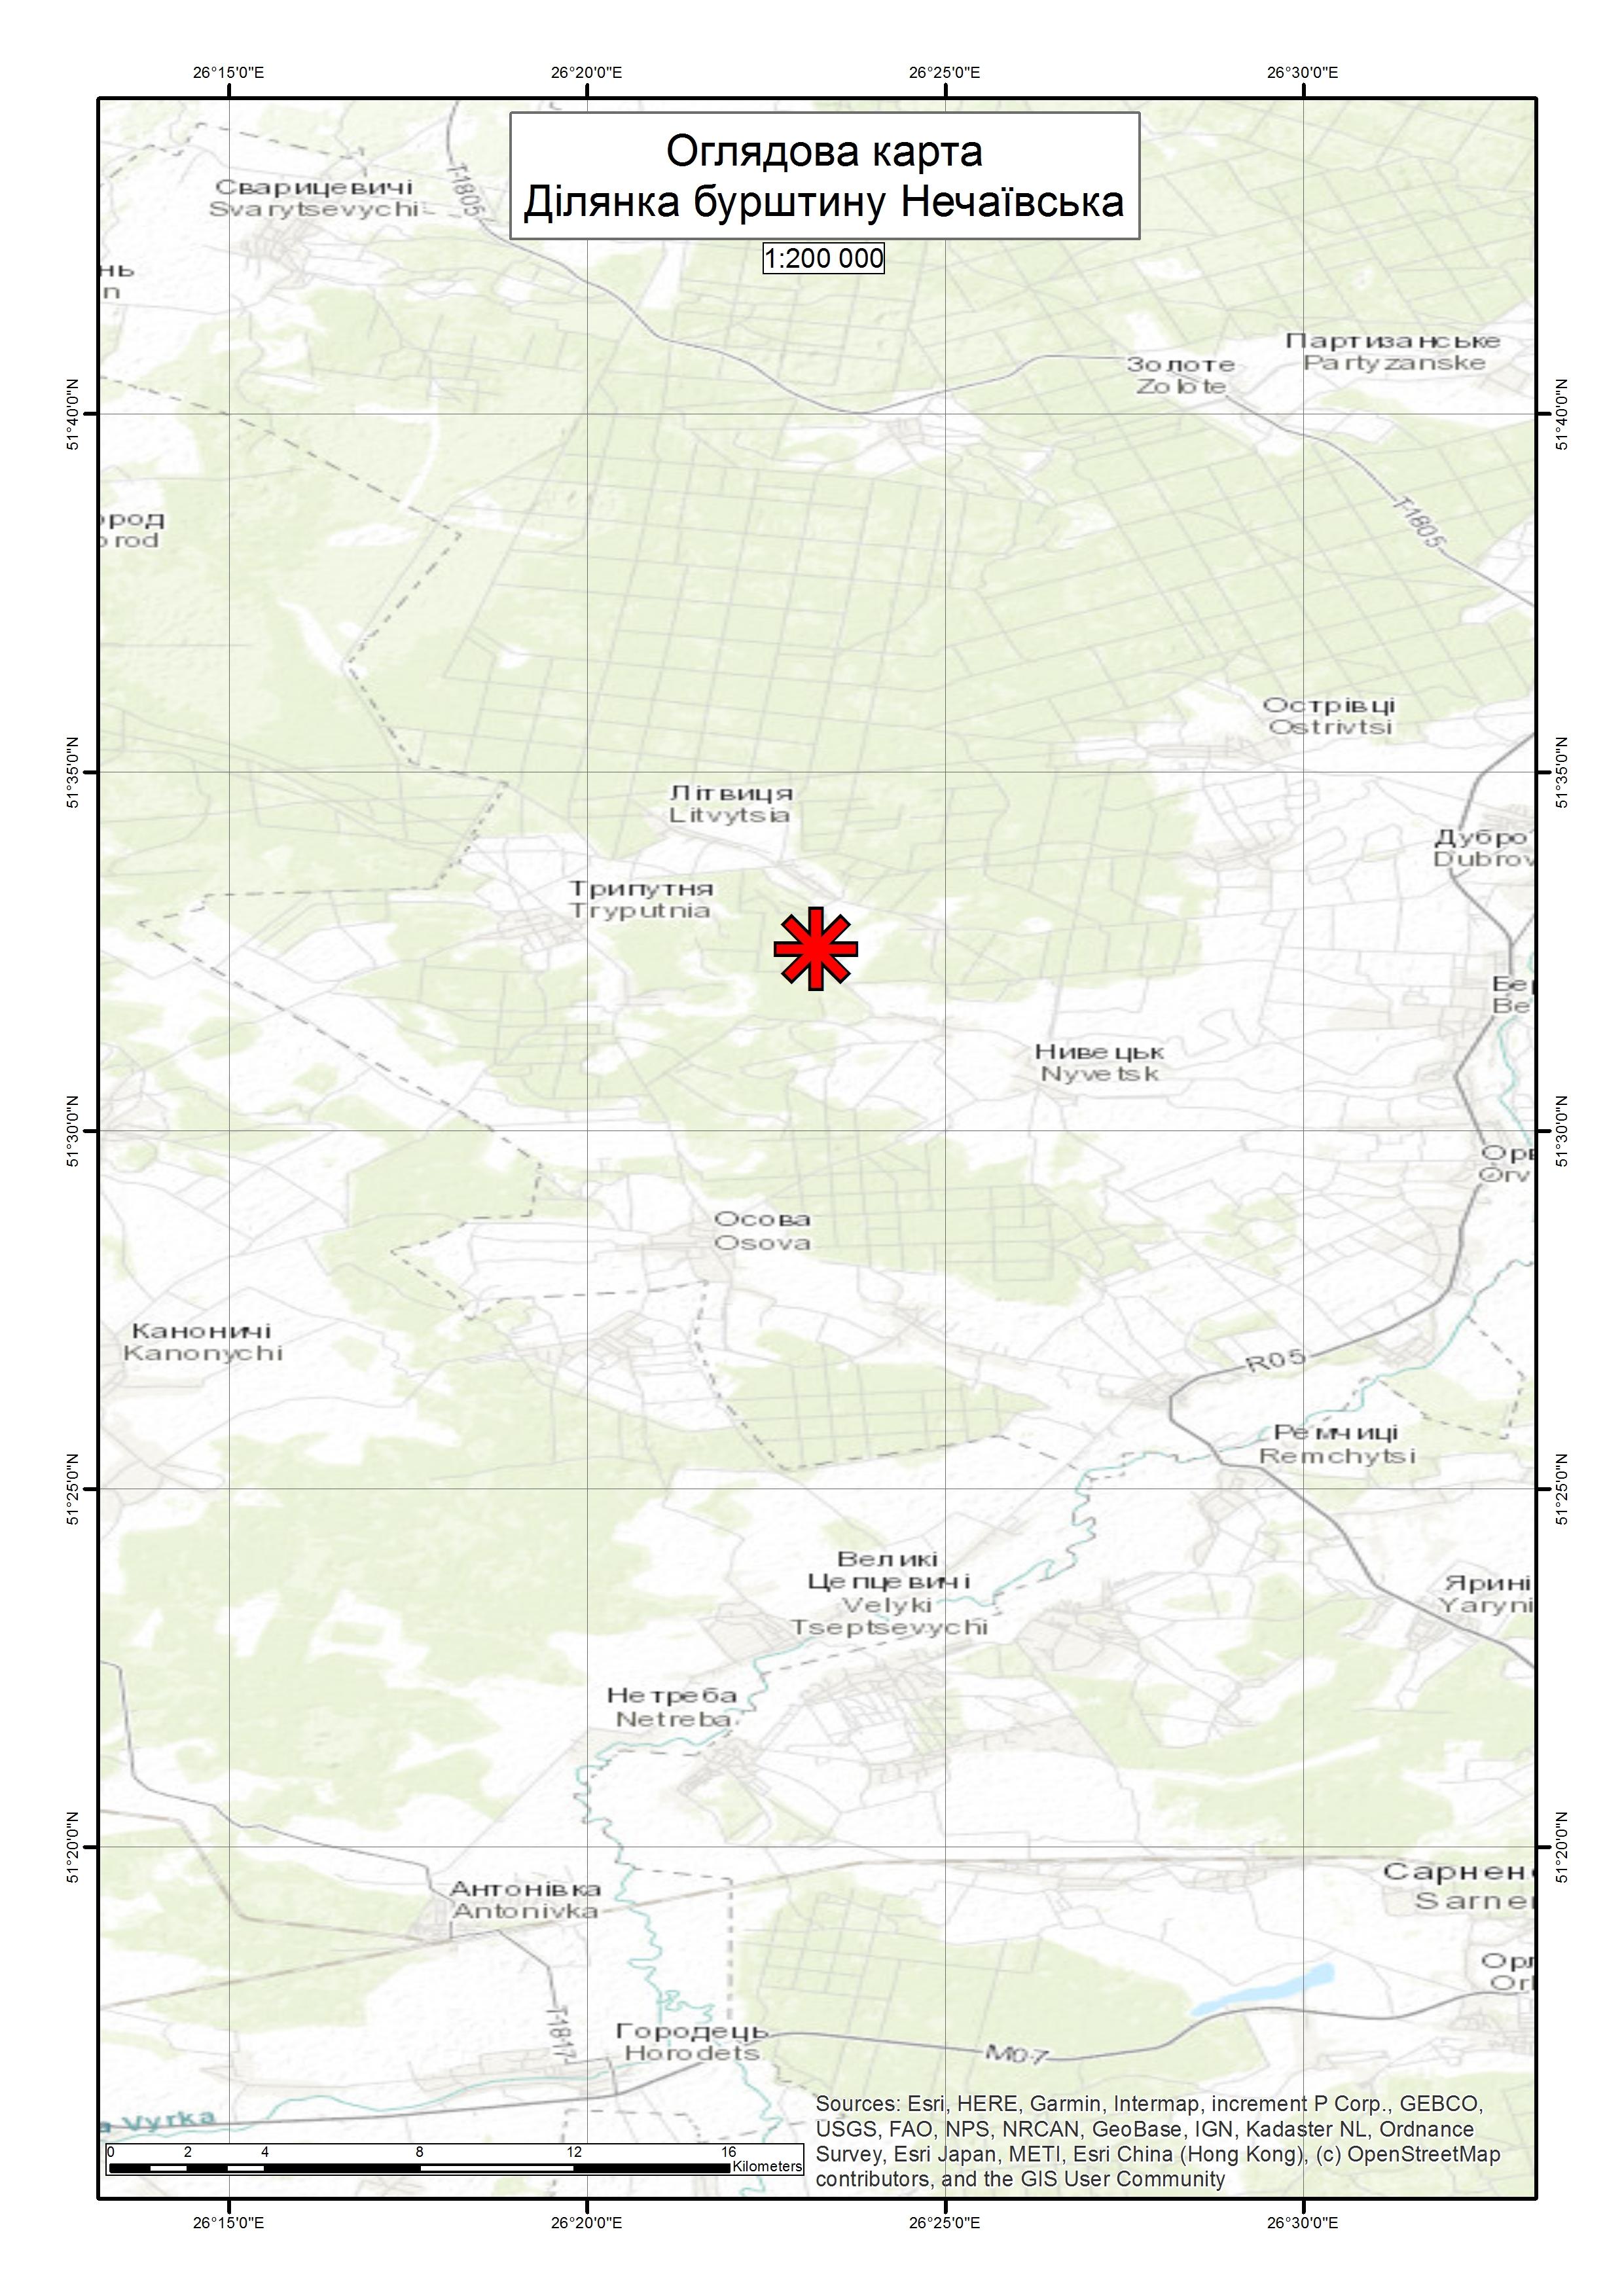 Спеціальний дозвіл на користування надрами – Ділянка Нечаївська. Вартість геологічної інформації – 95 812,35 грн (з ПДВ). Вартість пакету аукціонної документації – 5 219,14 грн (з ПДВ).